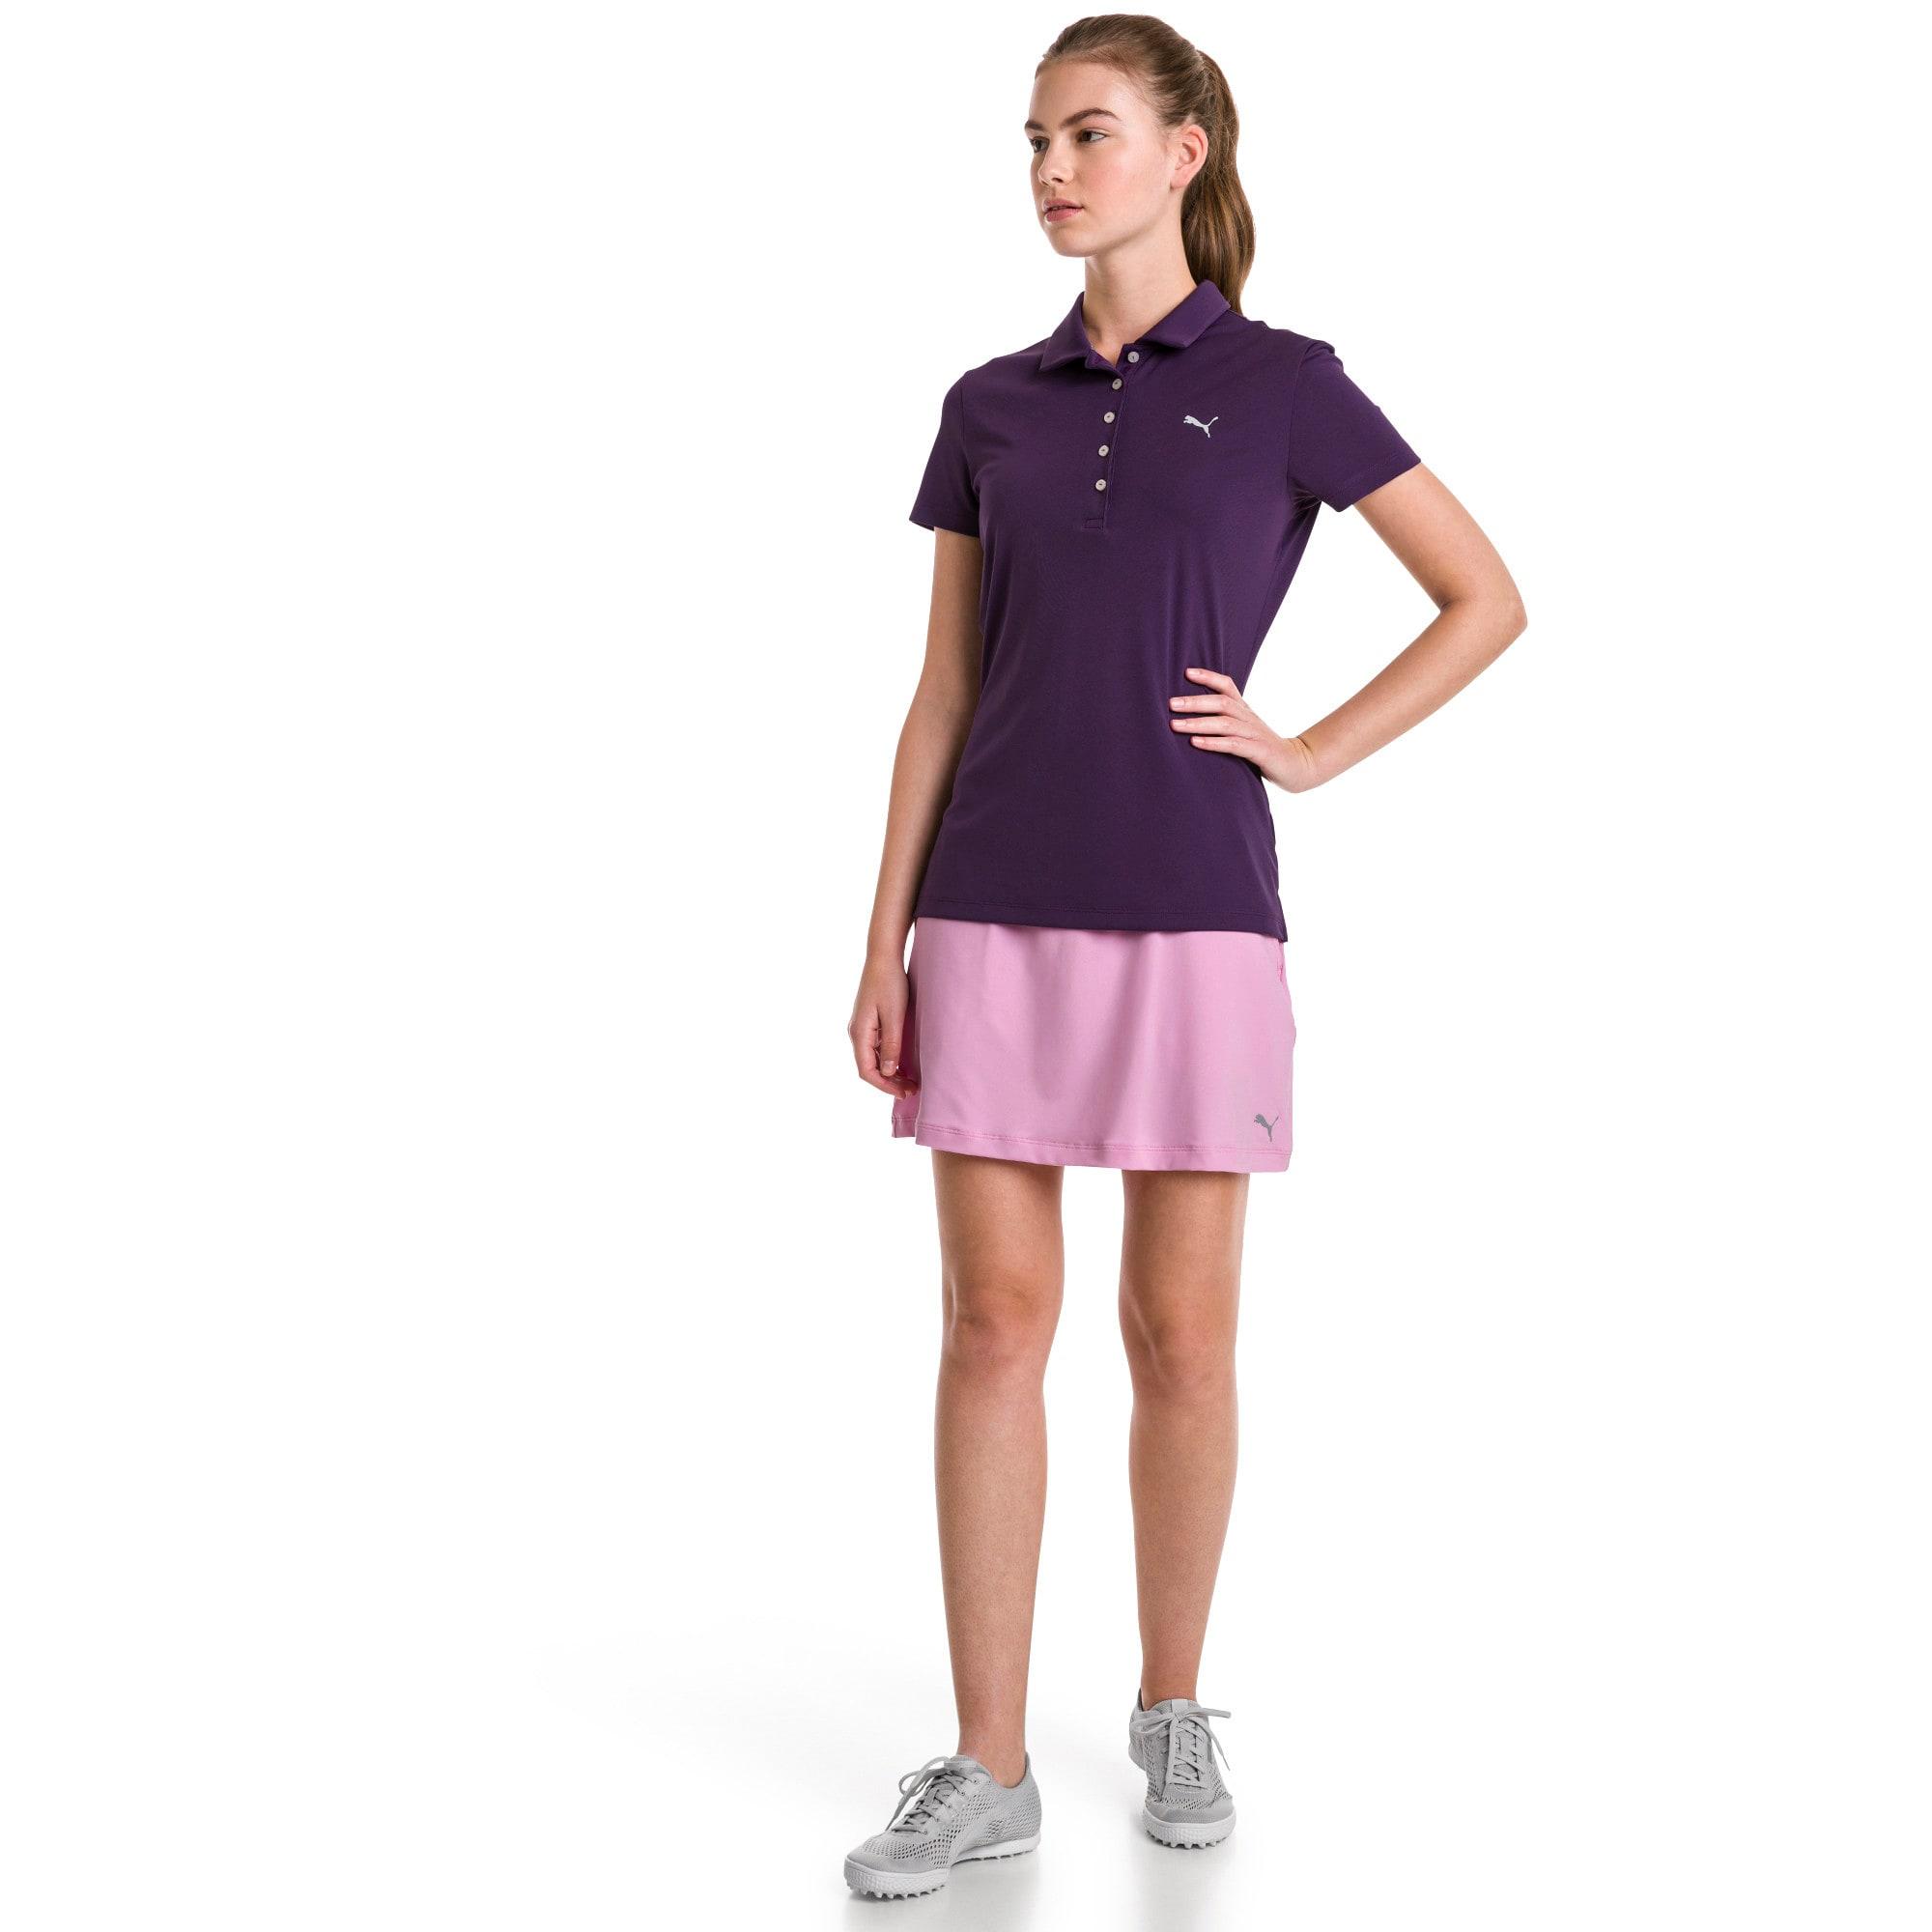 Thumbnail 3 of Golf Women's Pounce Polo, Indigo, medium